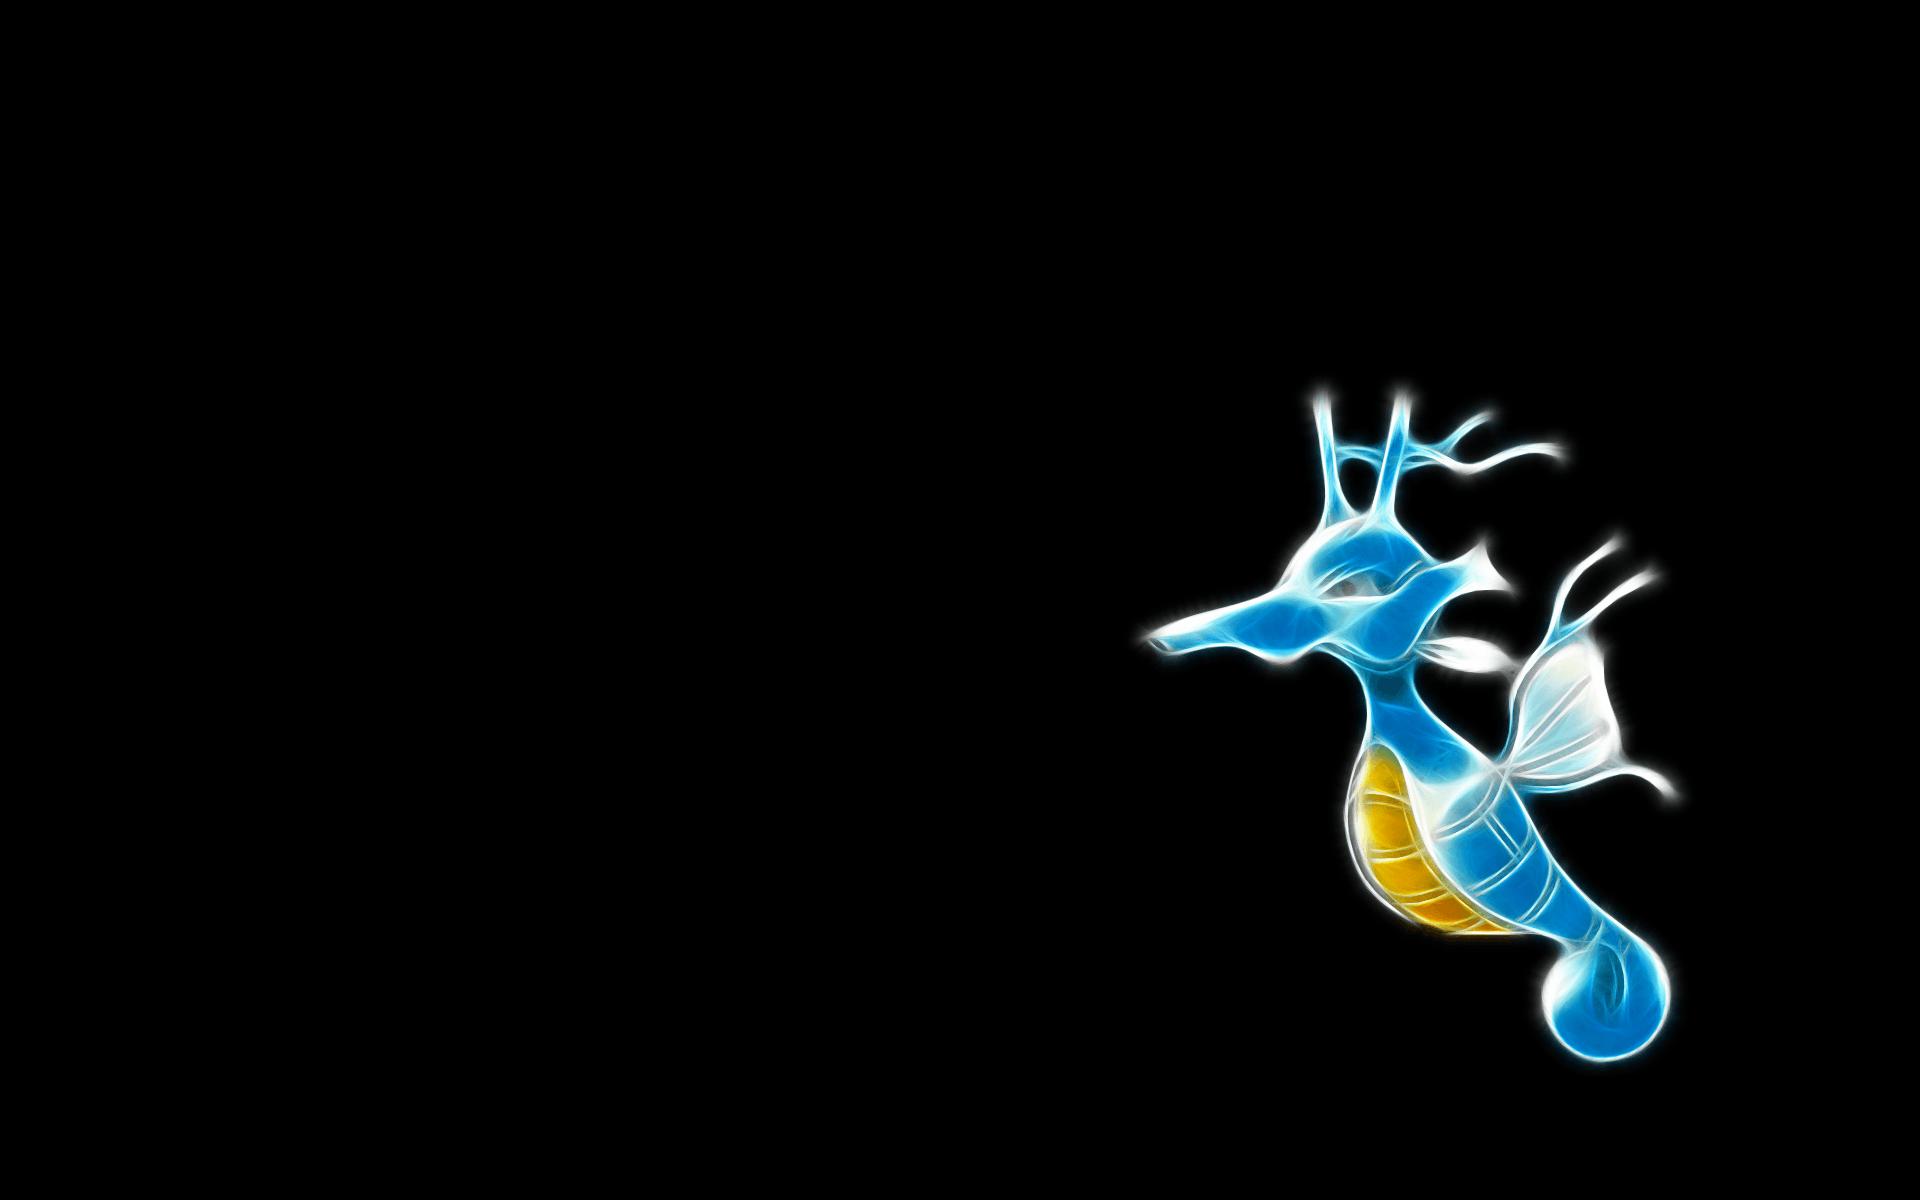 Pokemon Wallpapers Desktop 1920x1200